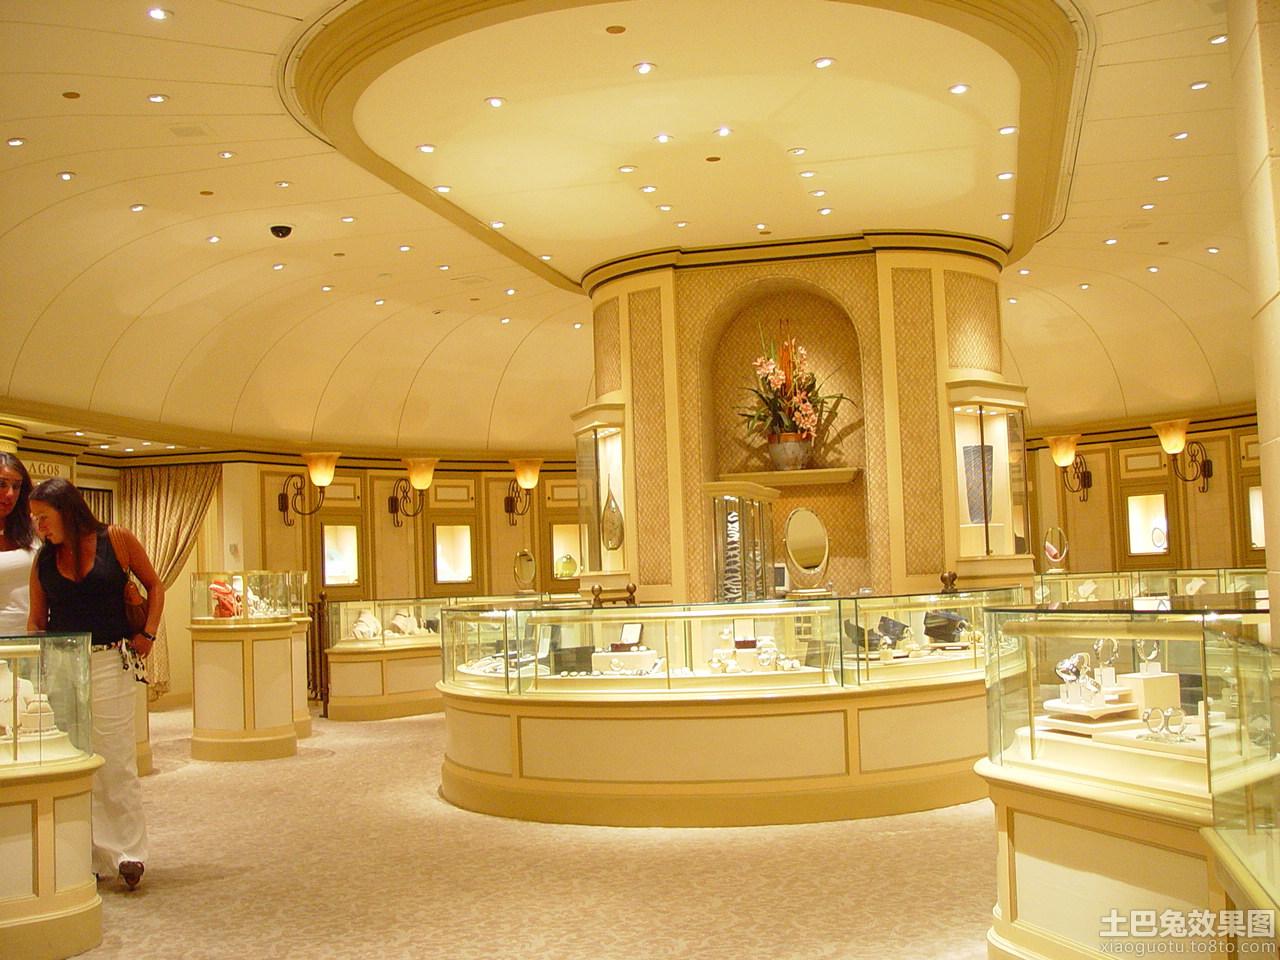 珠宝店内装修效果图装修效果图急需珍珠店装修效果图 或者高清图片